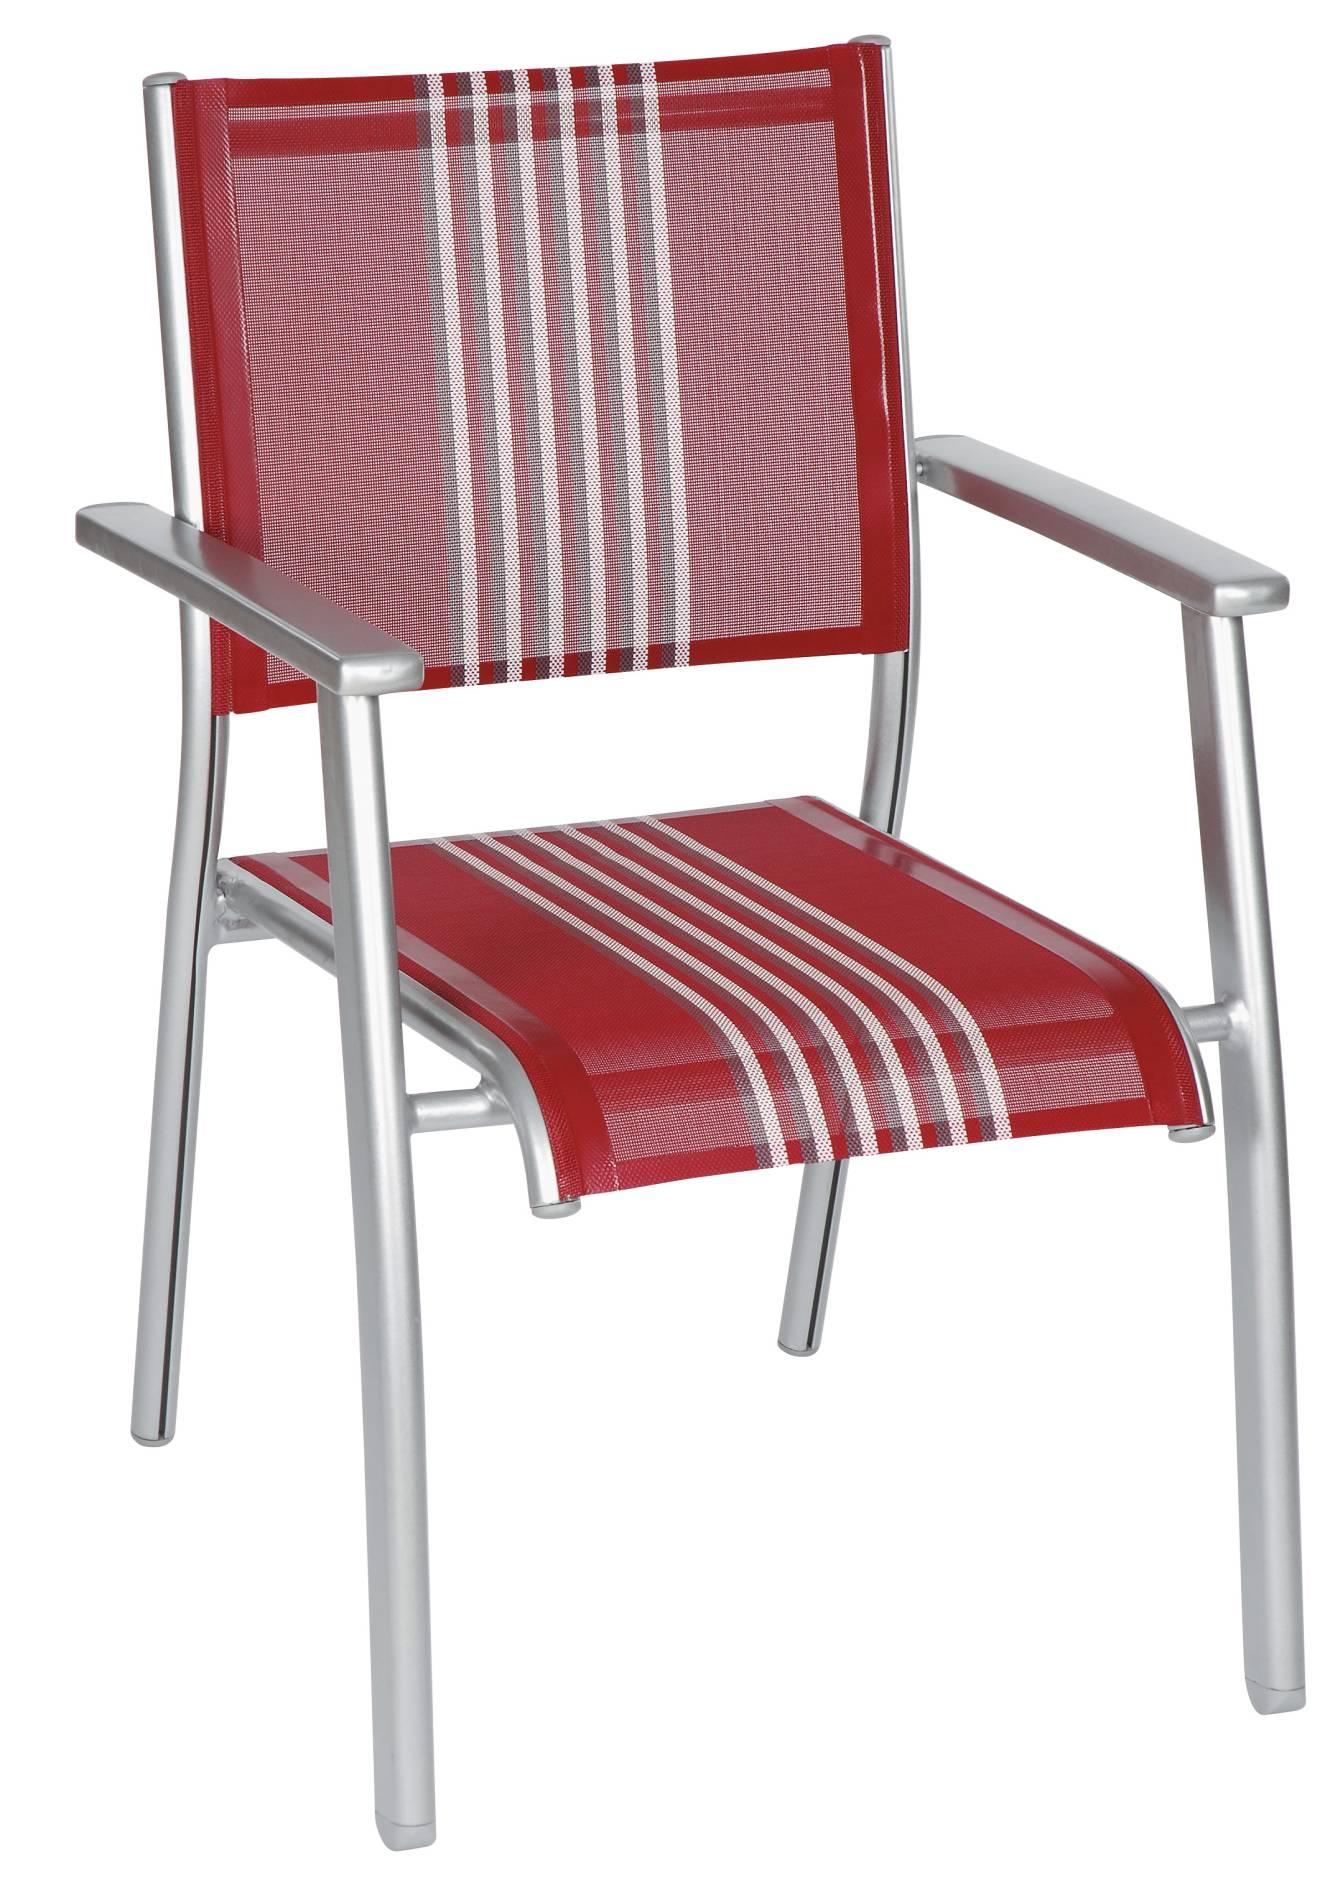 4-er Set Stapelsessel Gartenstuhl acamp 56032 Acatop nieder platin-red stripes